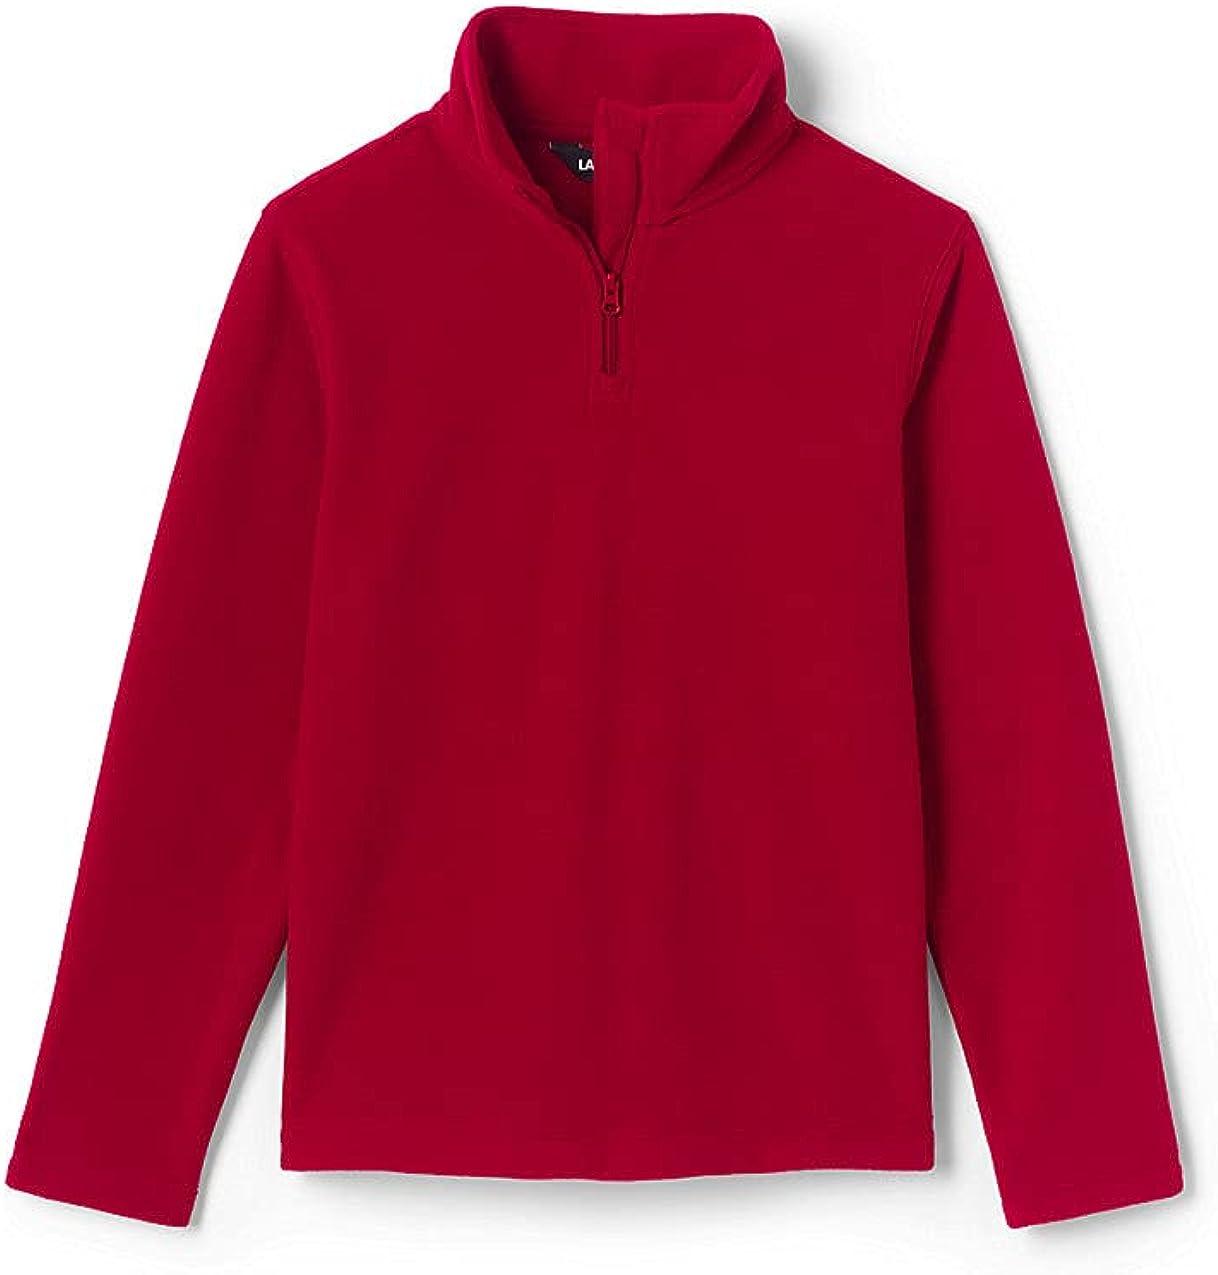 Lands' End School Uniform Kids Lightweight Fleece Quarter Zip Pullover